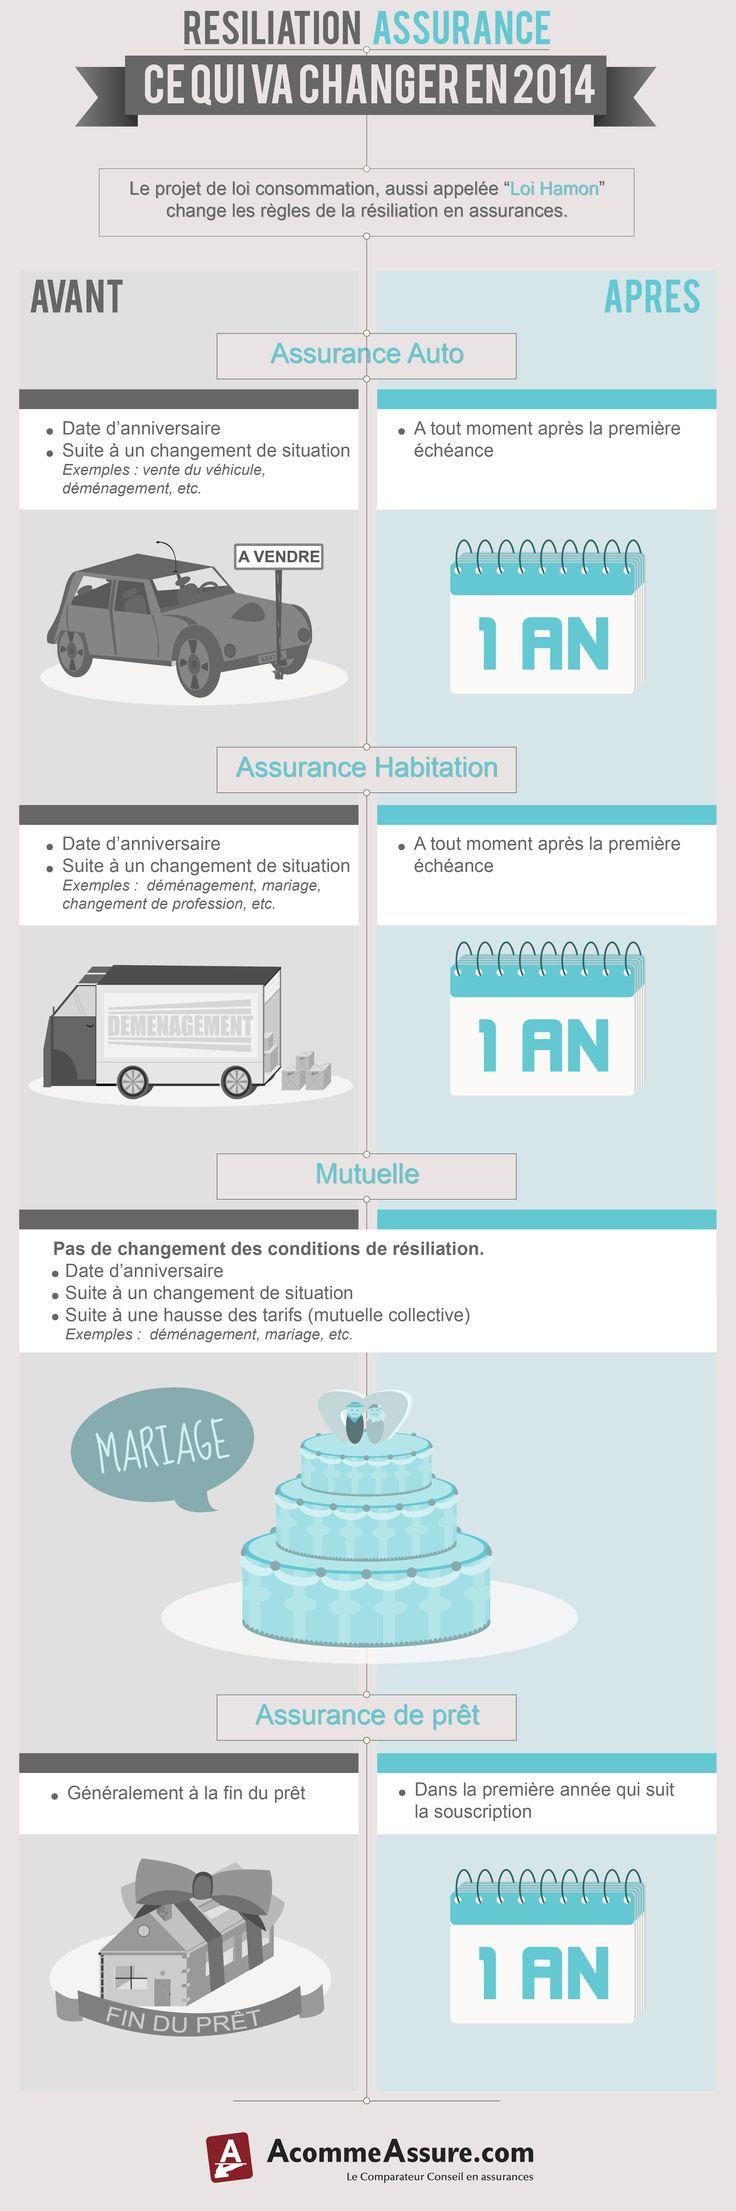 Infographie : La loi hamon